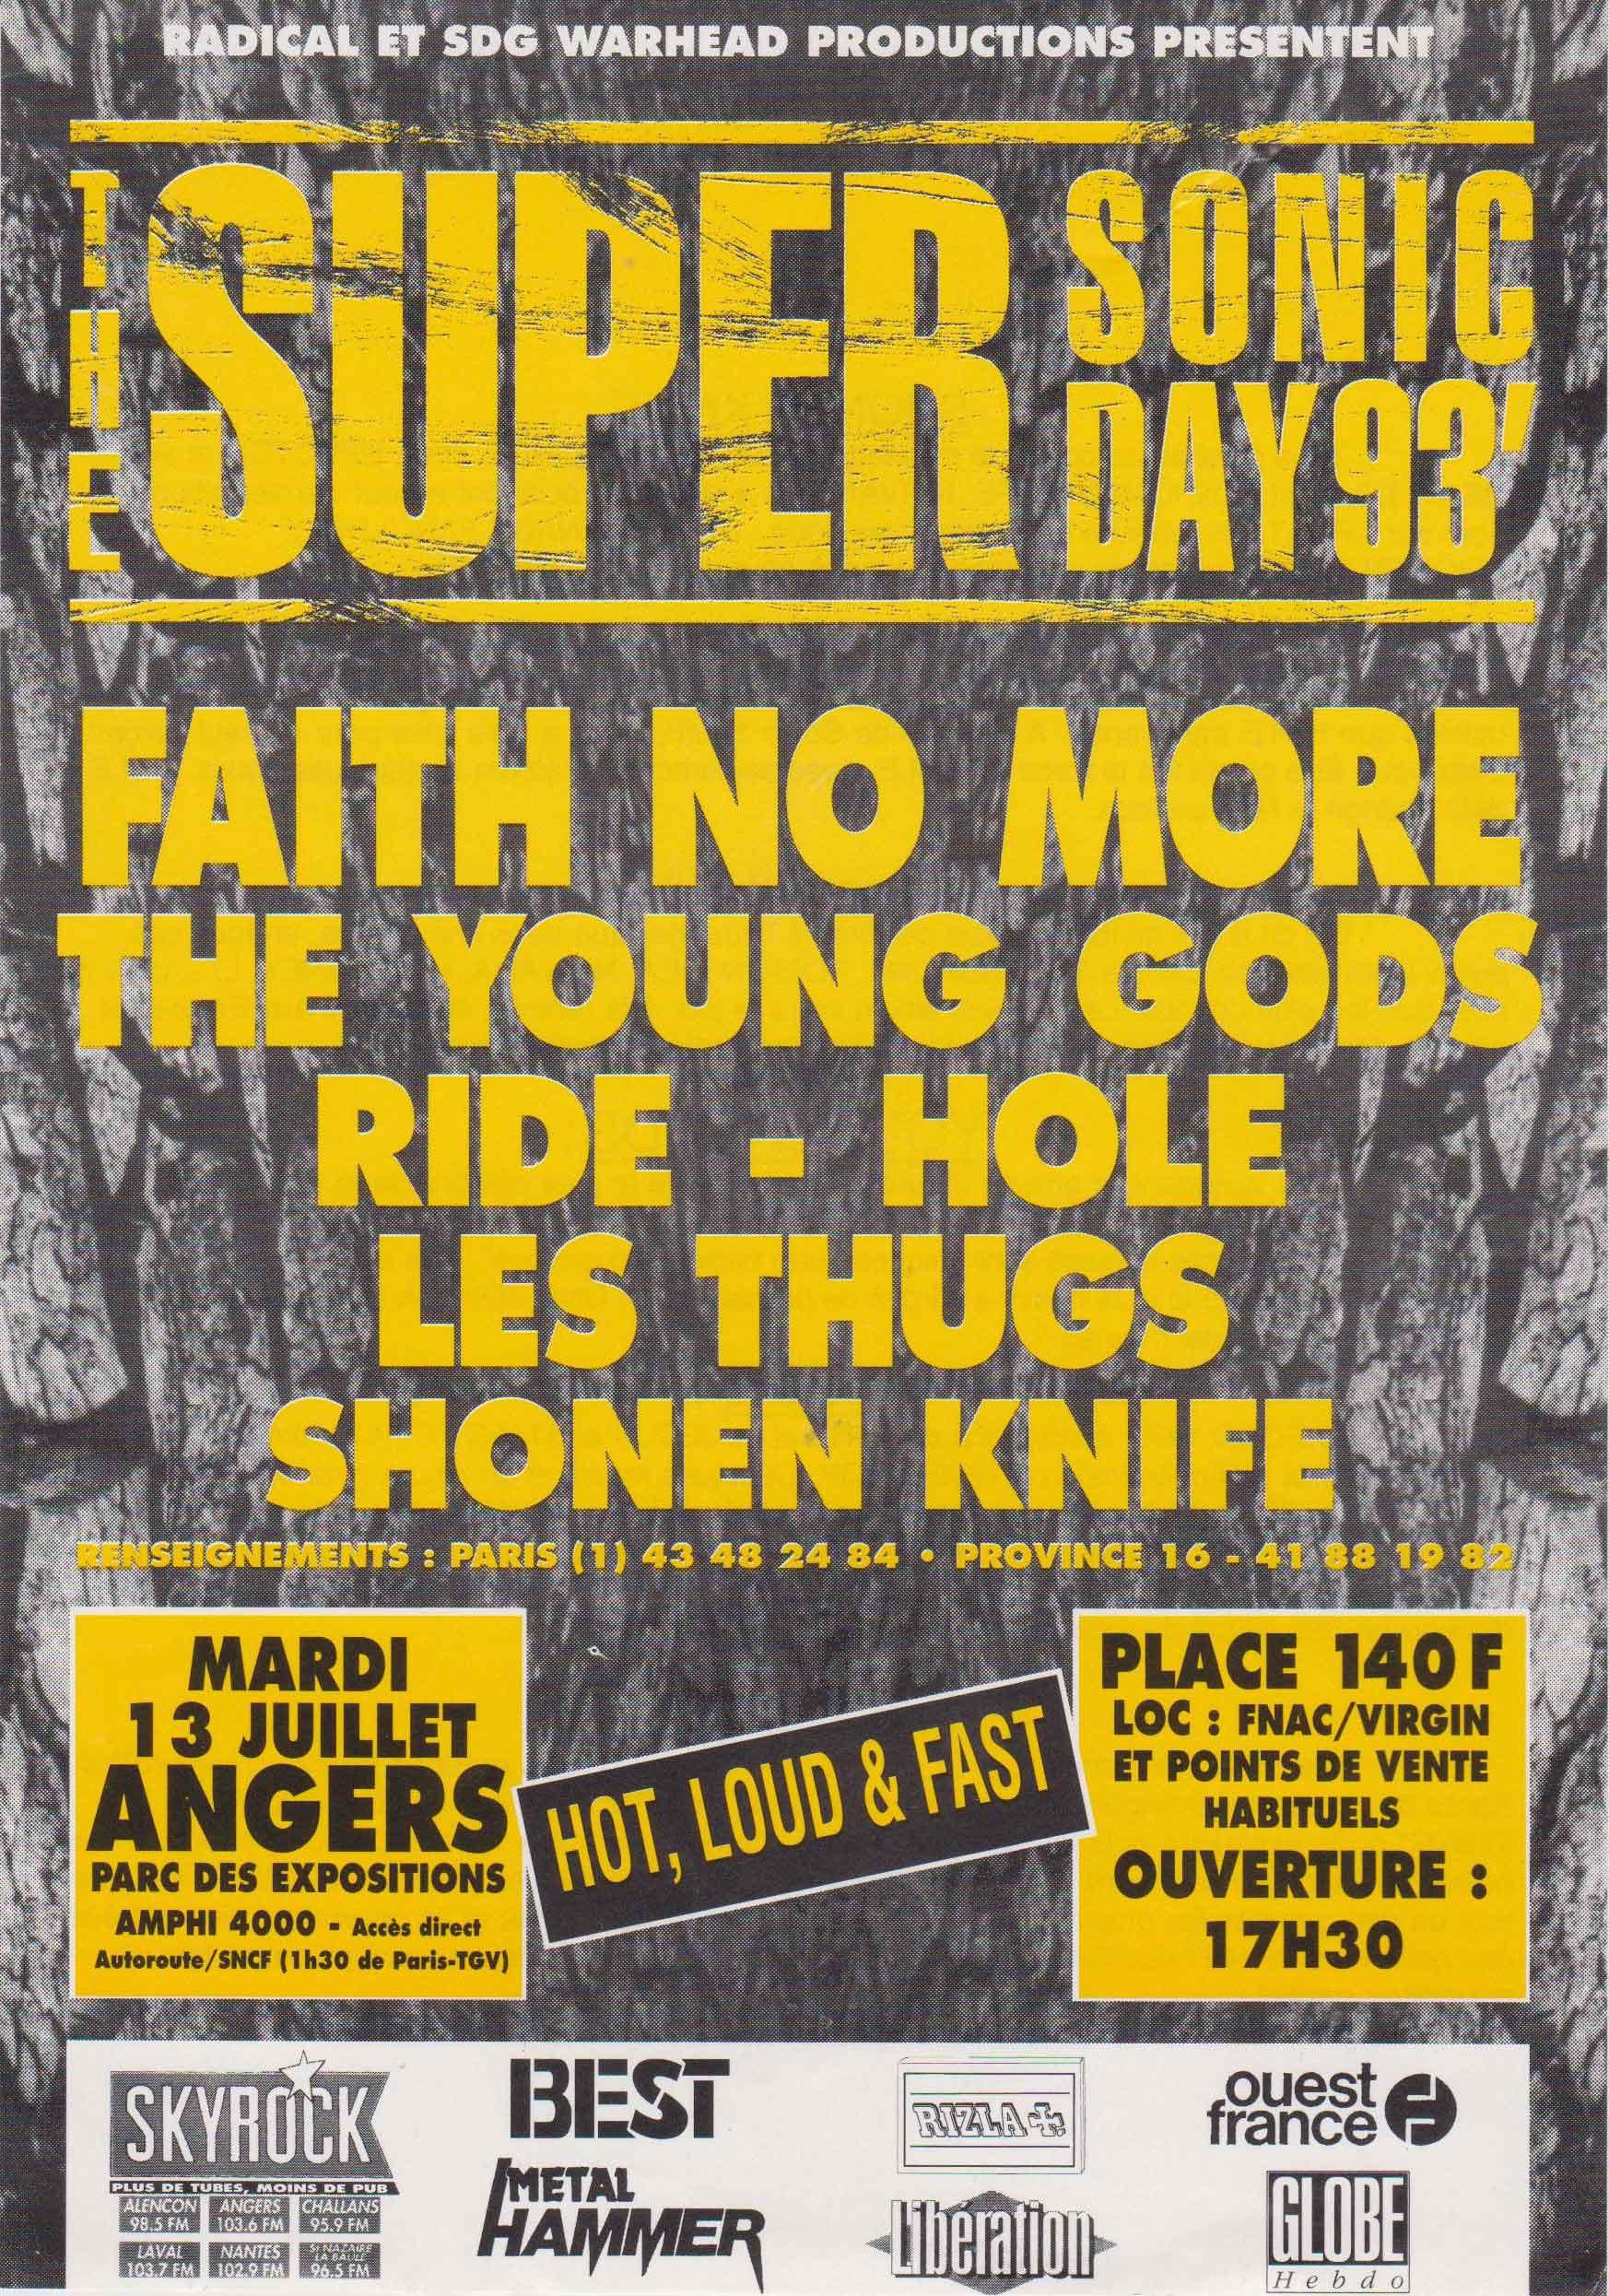 """13 juillet 1993 Shonen Knife, Les Thugs, Hole, Ride, The Young Gods, Faith No More à Angers """"Parc des Expositions"""""""